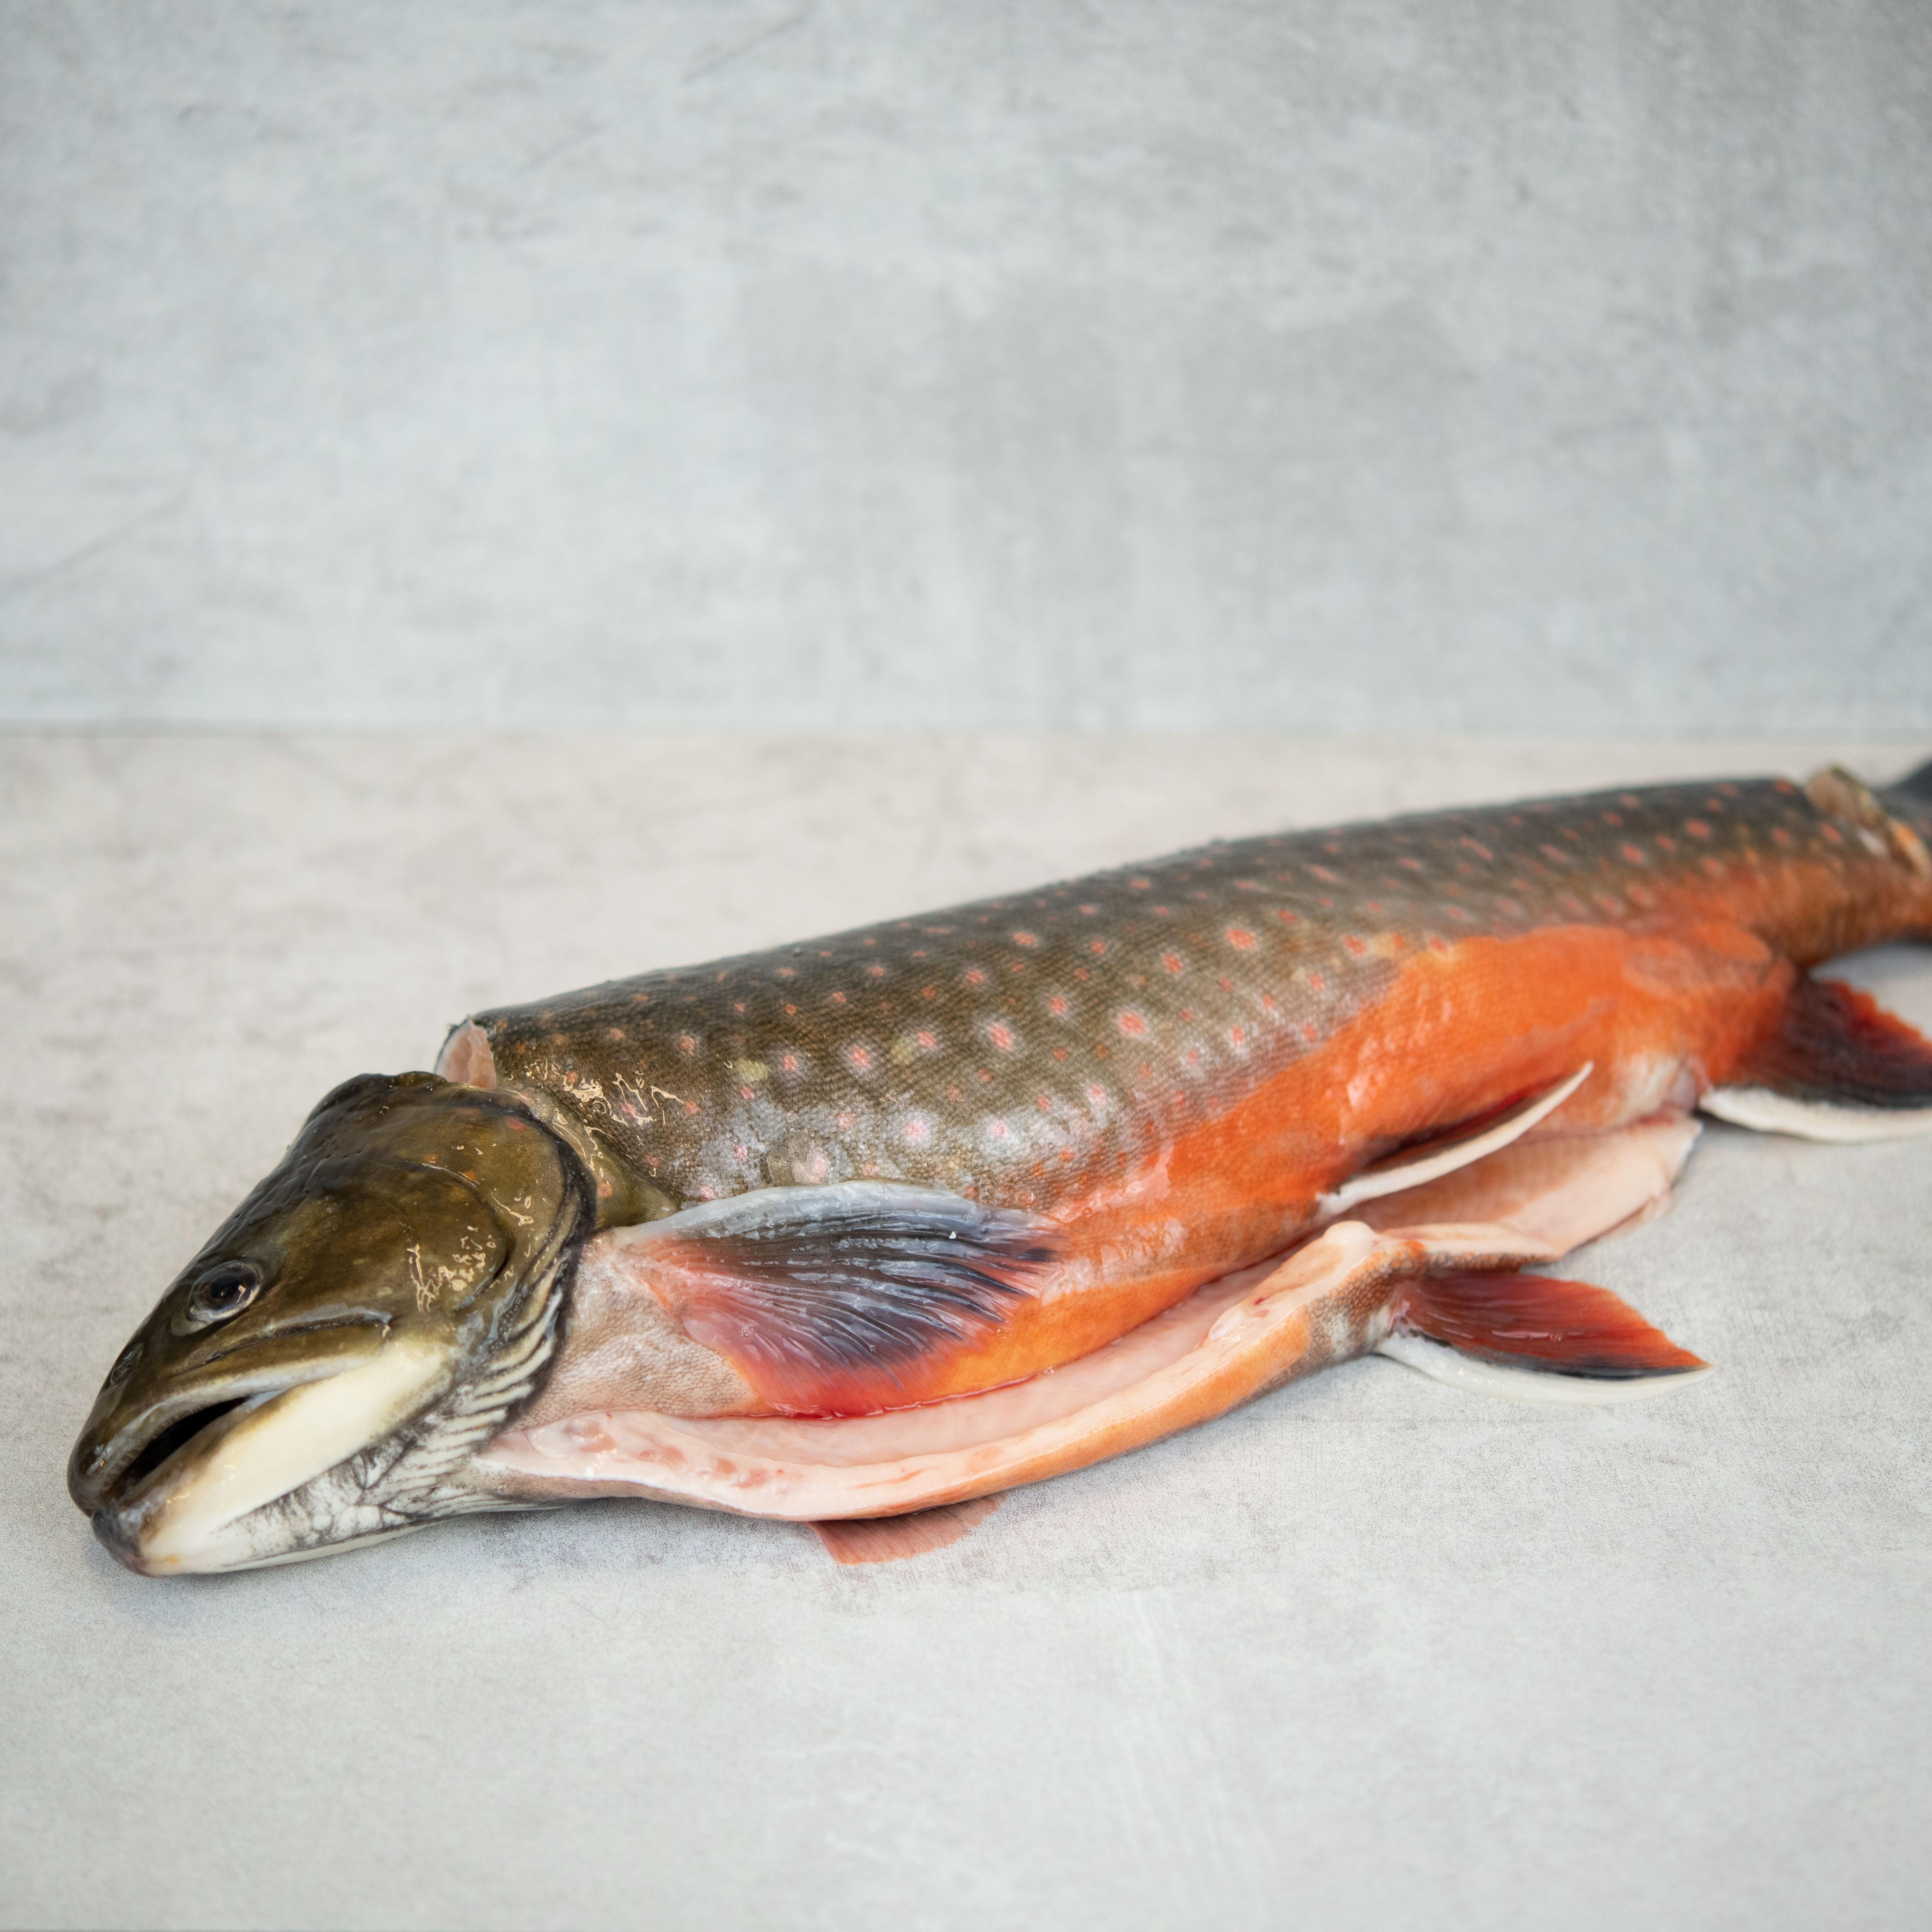 Seesaibling_Markthalle20_Ikejime_Fisch_Müritzfischer